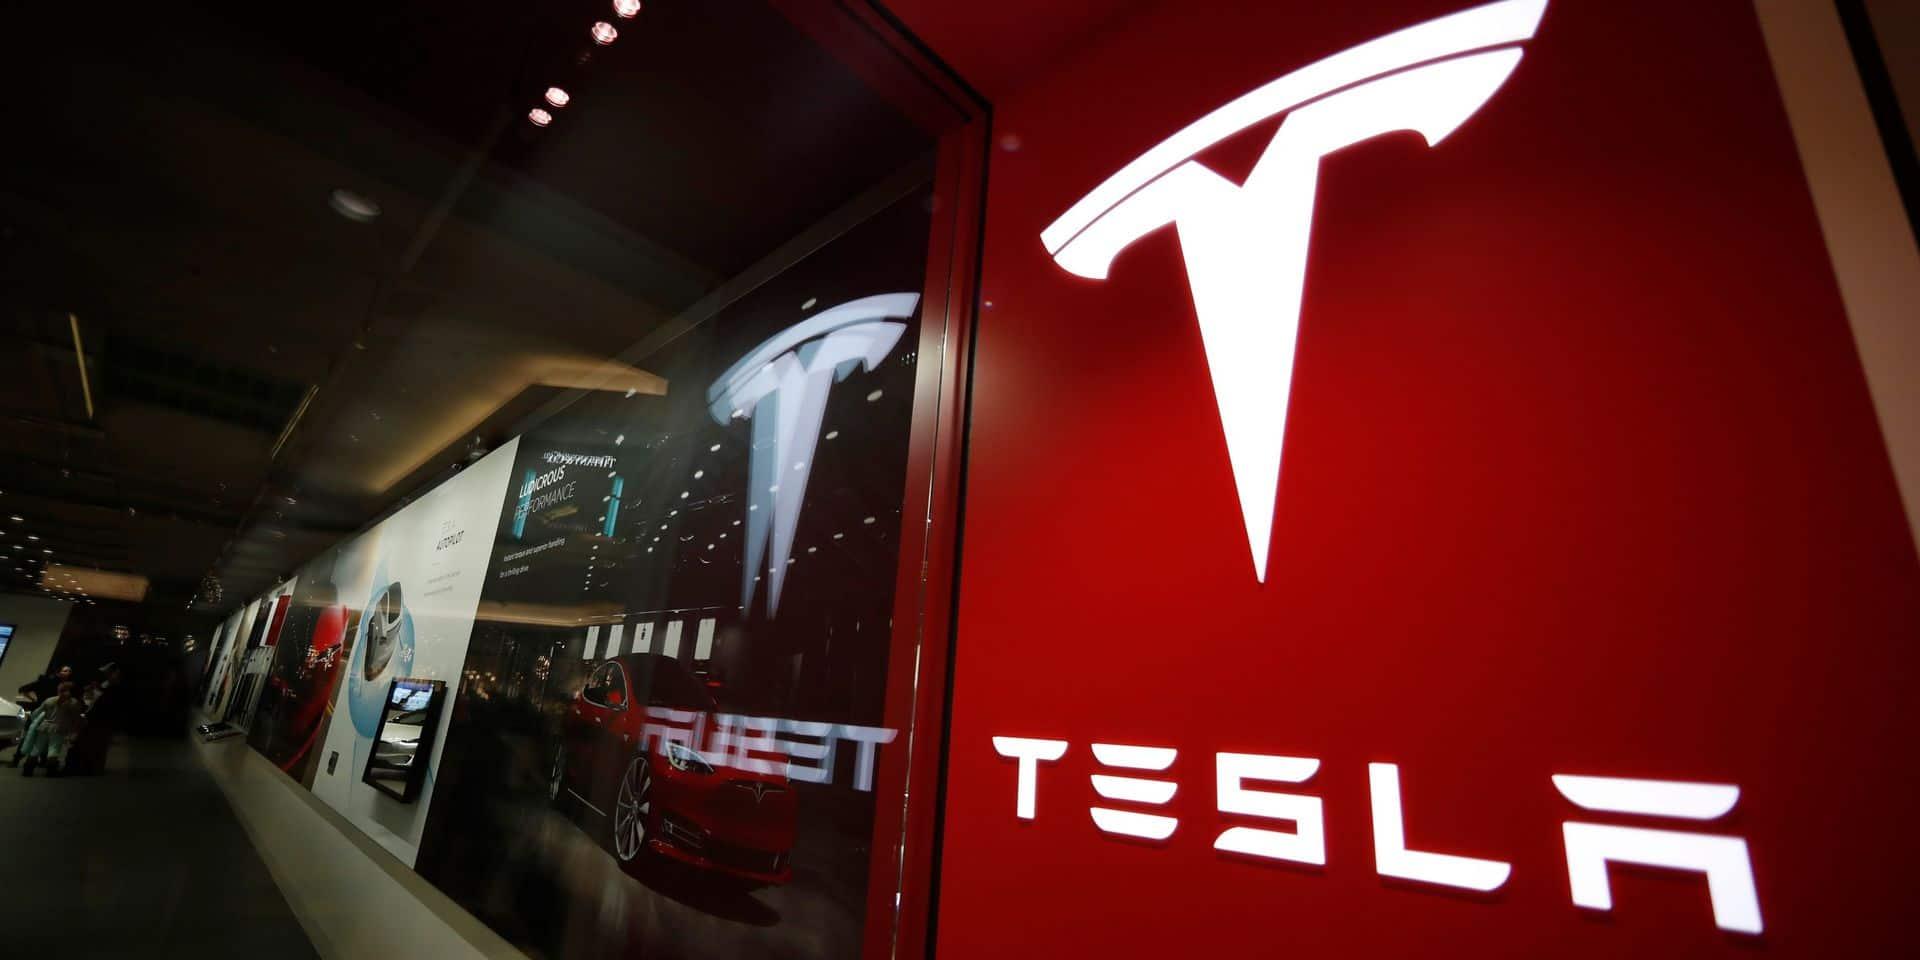 Tesla sur la sellette après un accident avec un véhicule apparemment sans chauffeur